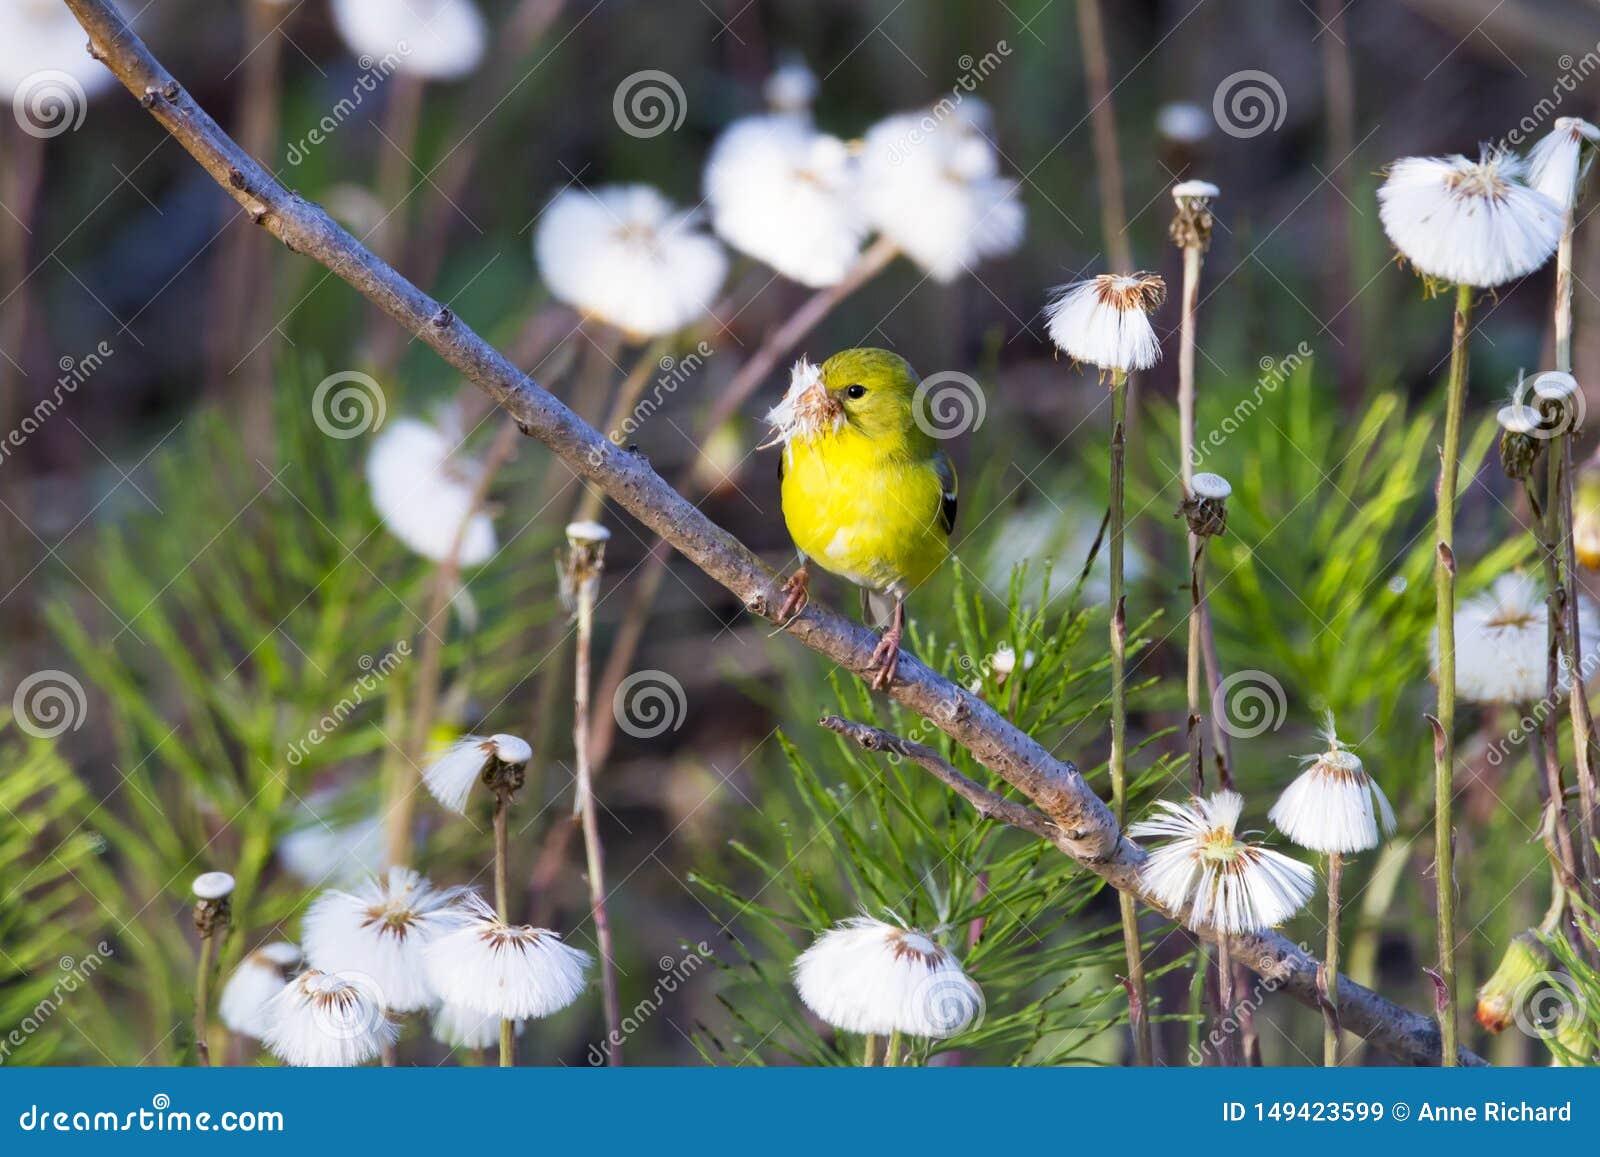 美国金翅雀看见与在它有额嘴的充满活力的黄色春天全身羽毛充分栖息的外形的头蒲公英种子